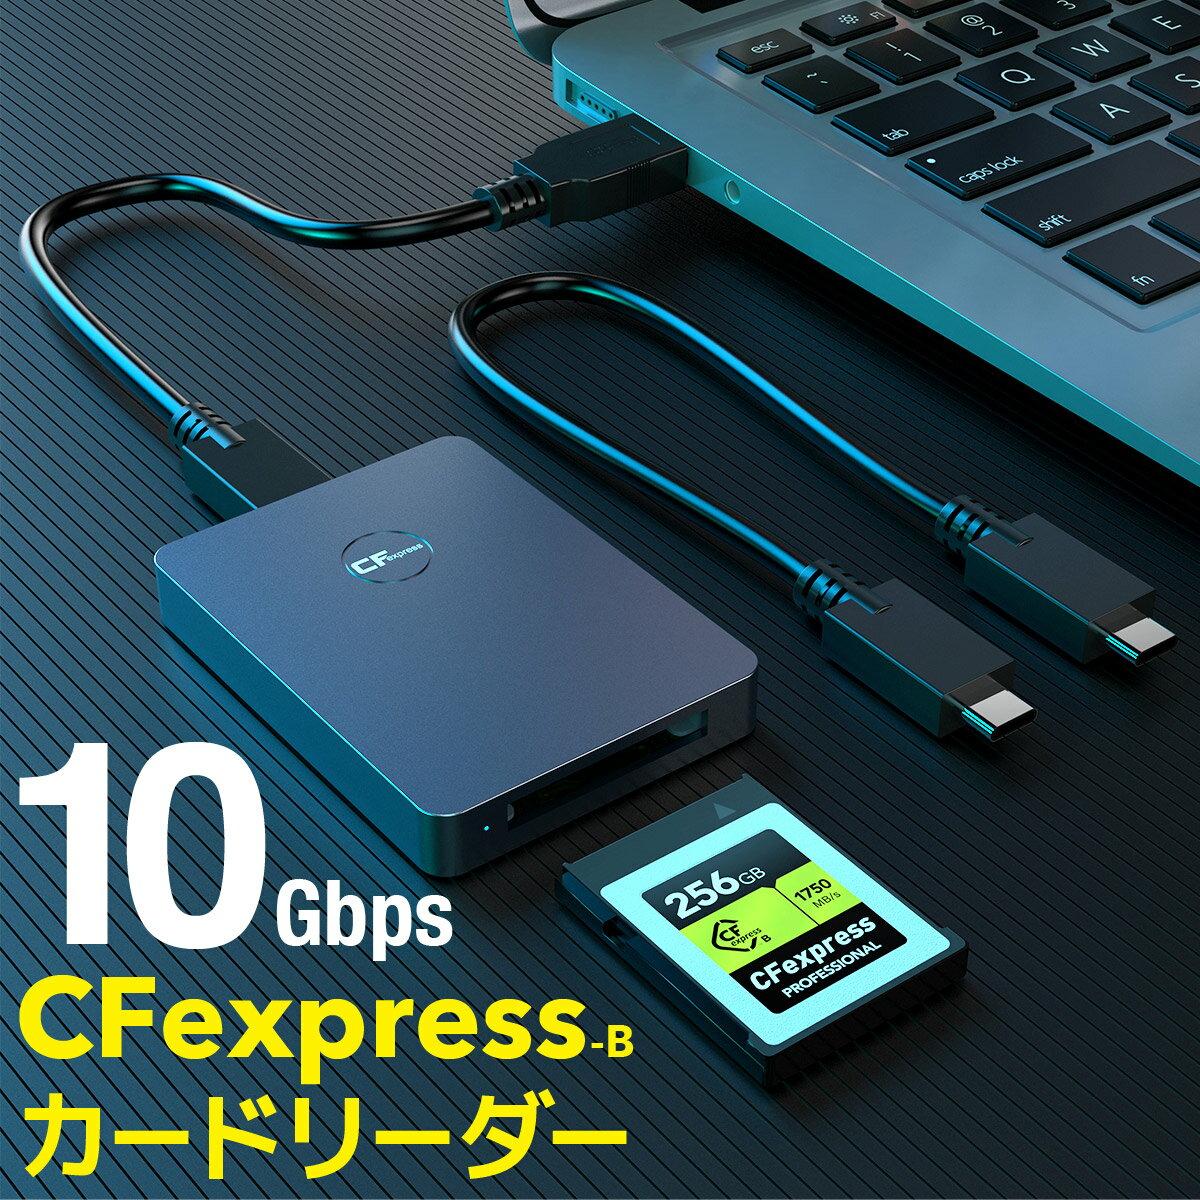 外付けドライブ・ストレージ, 外付けメモリカードリーダー CFexpress B CFexpress TypeB USB3.1 Gen2 10Gbps Thunderbolt3 CFexpress